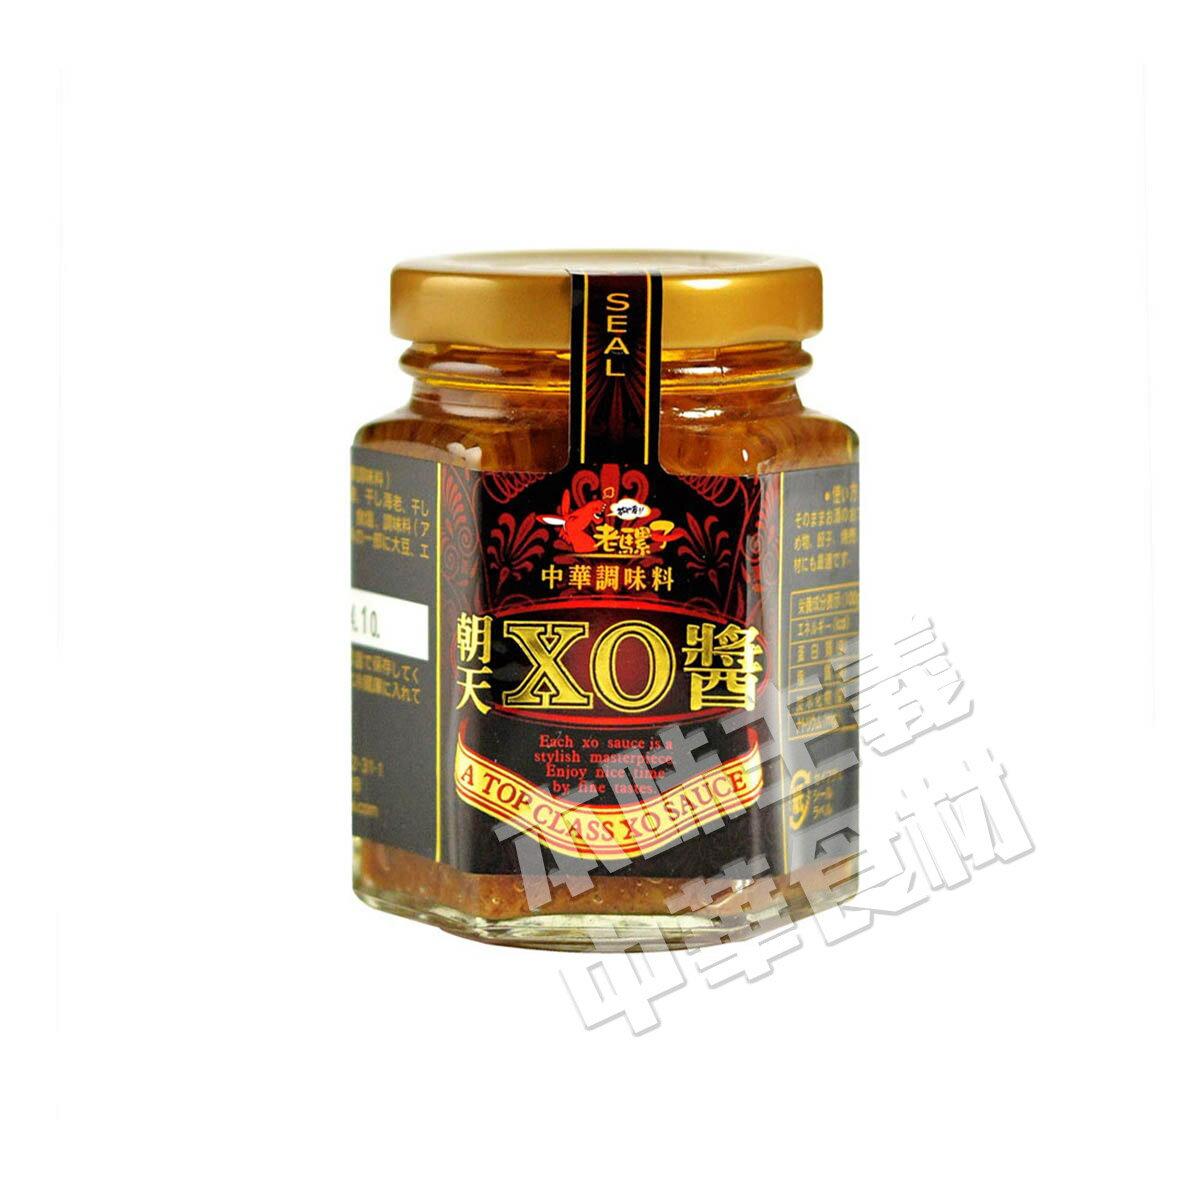 老騾子朝天シリーズ朝天XO醤105g/台湾調味料/中華調味料/中華料理人気商品/台湾の味